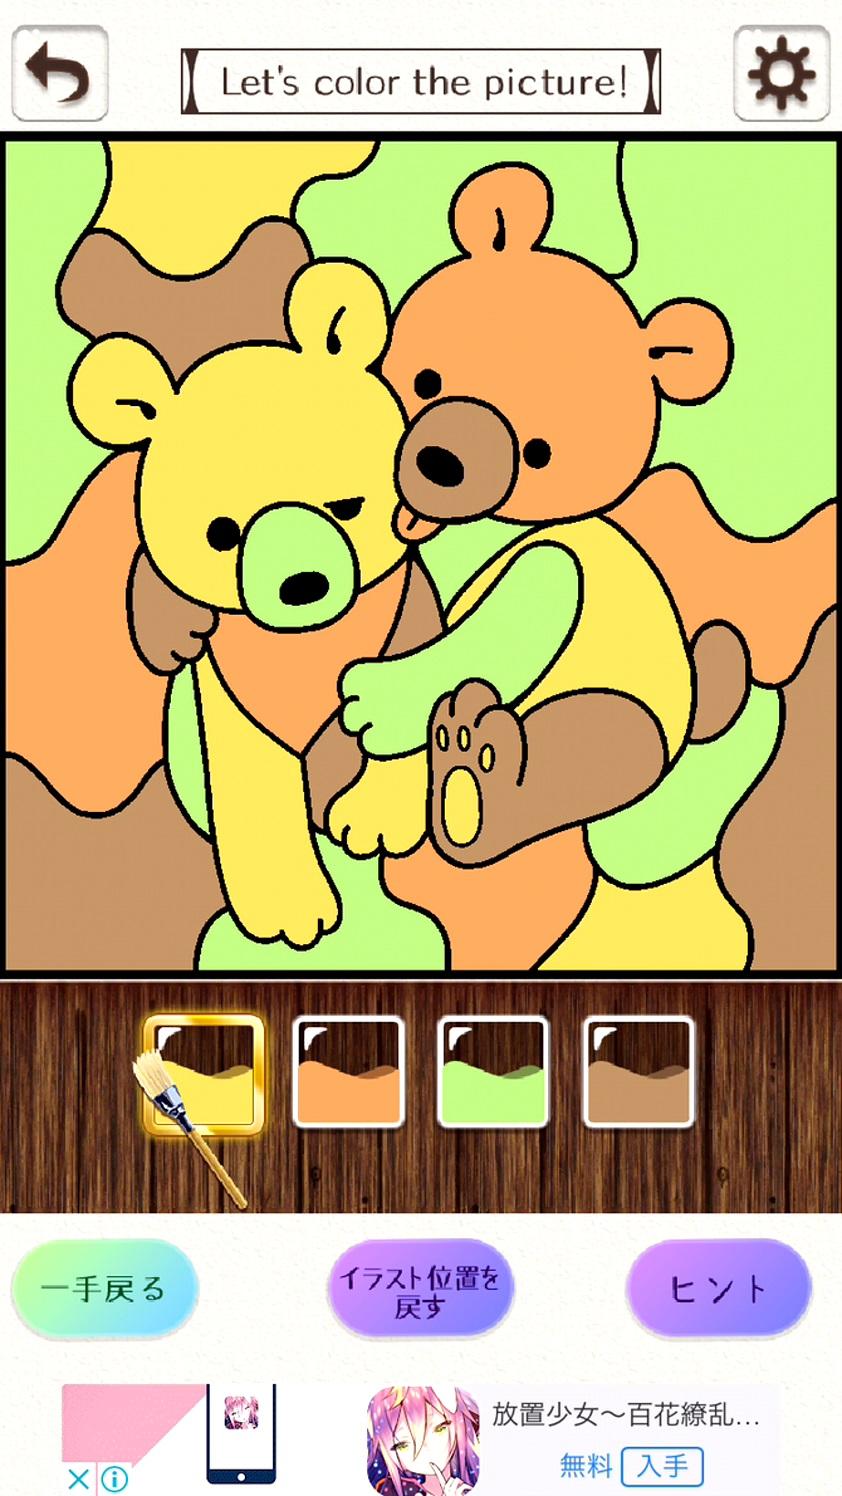 大人の塗り絵 パズル! androidアプリスクリーンショット1